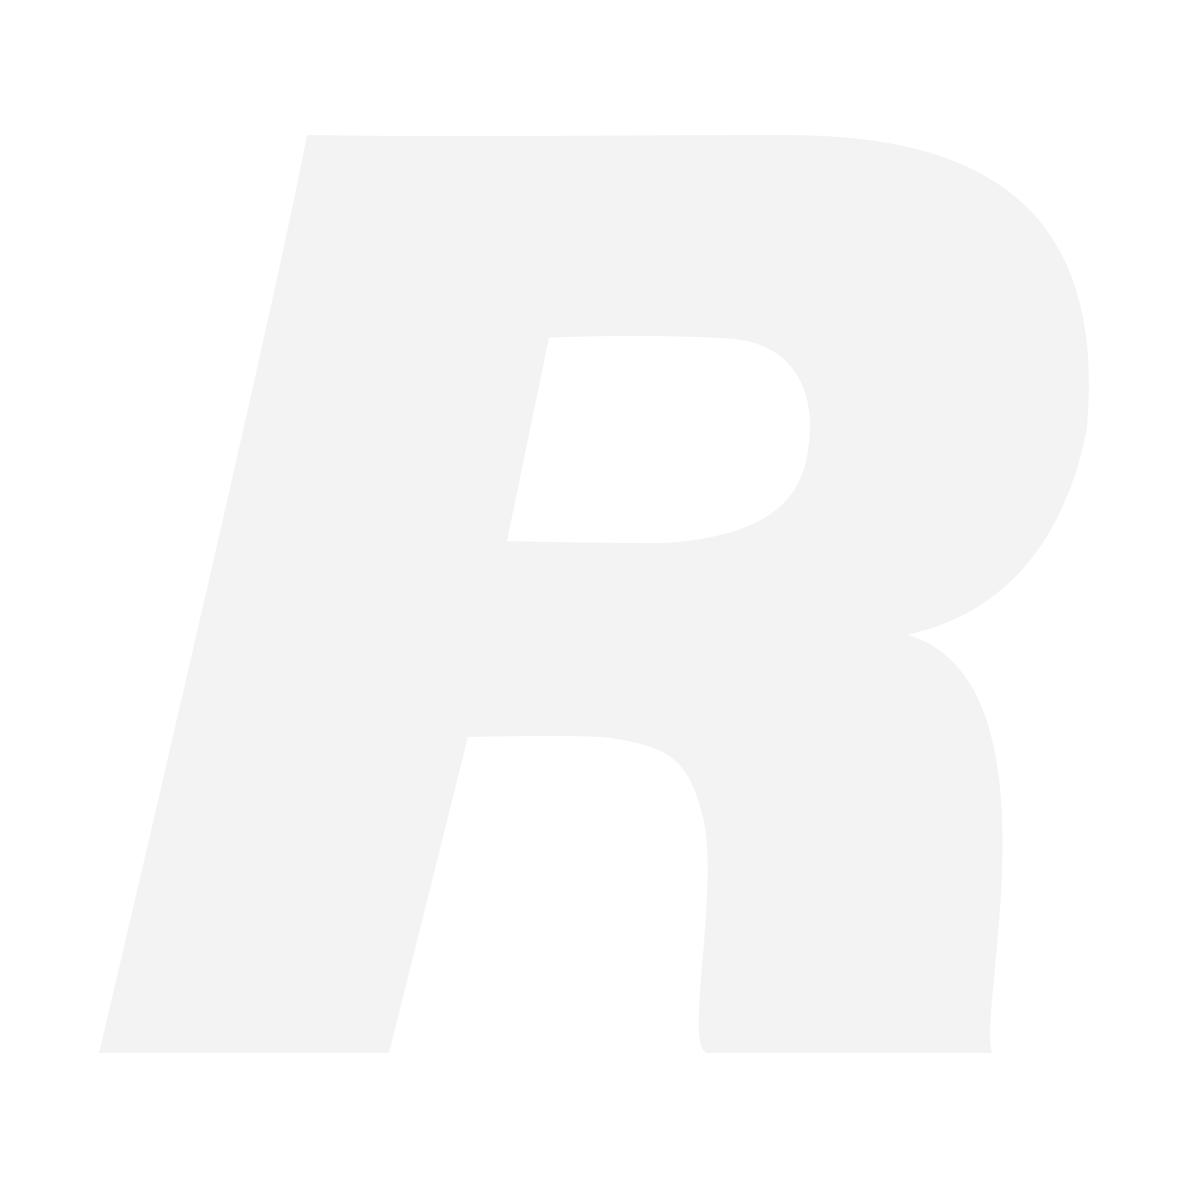 CONTOUR Design RollerMouse Pro3 Plus